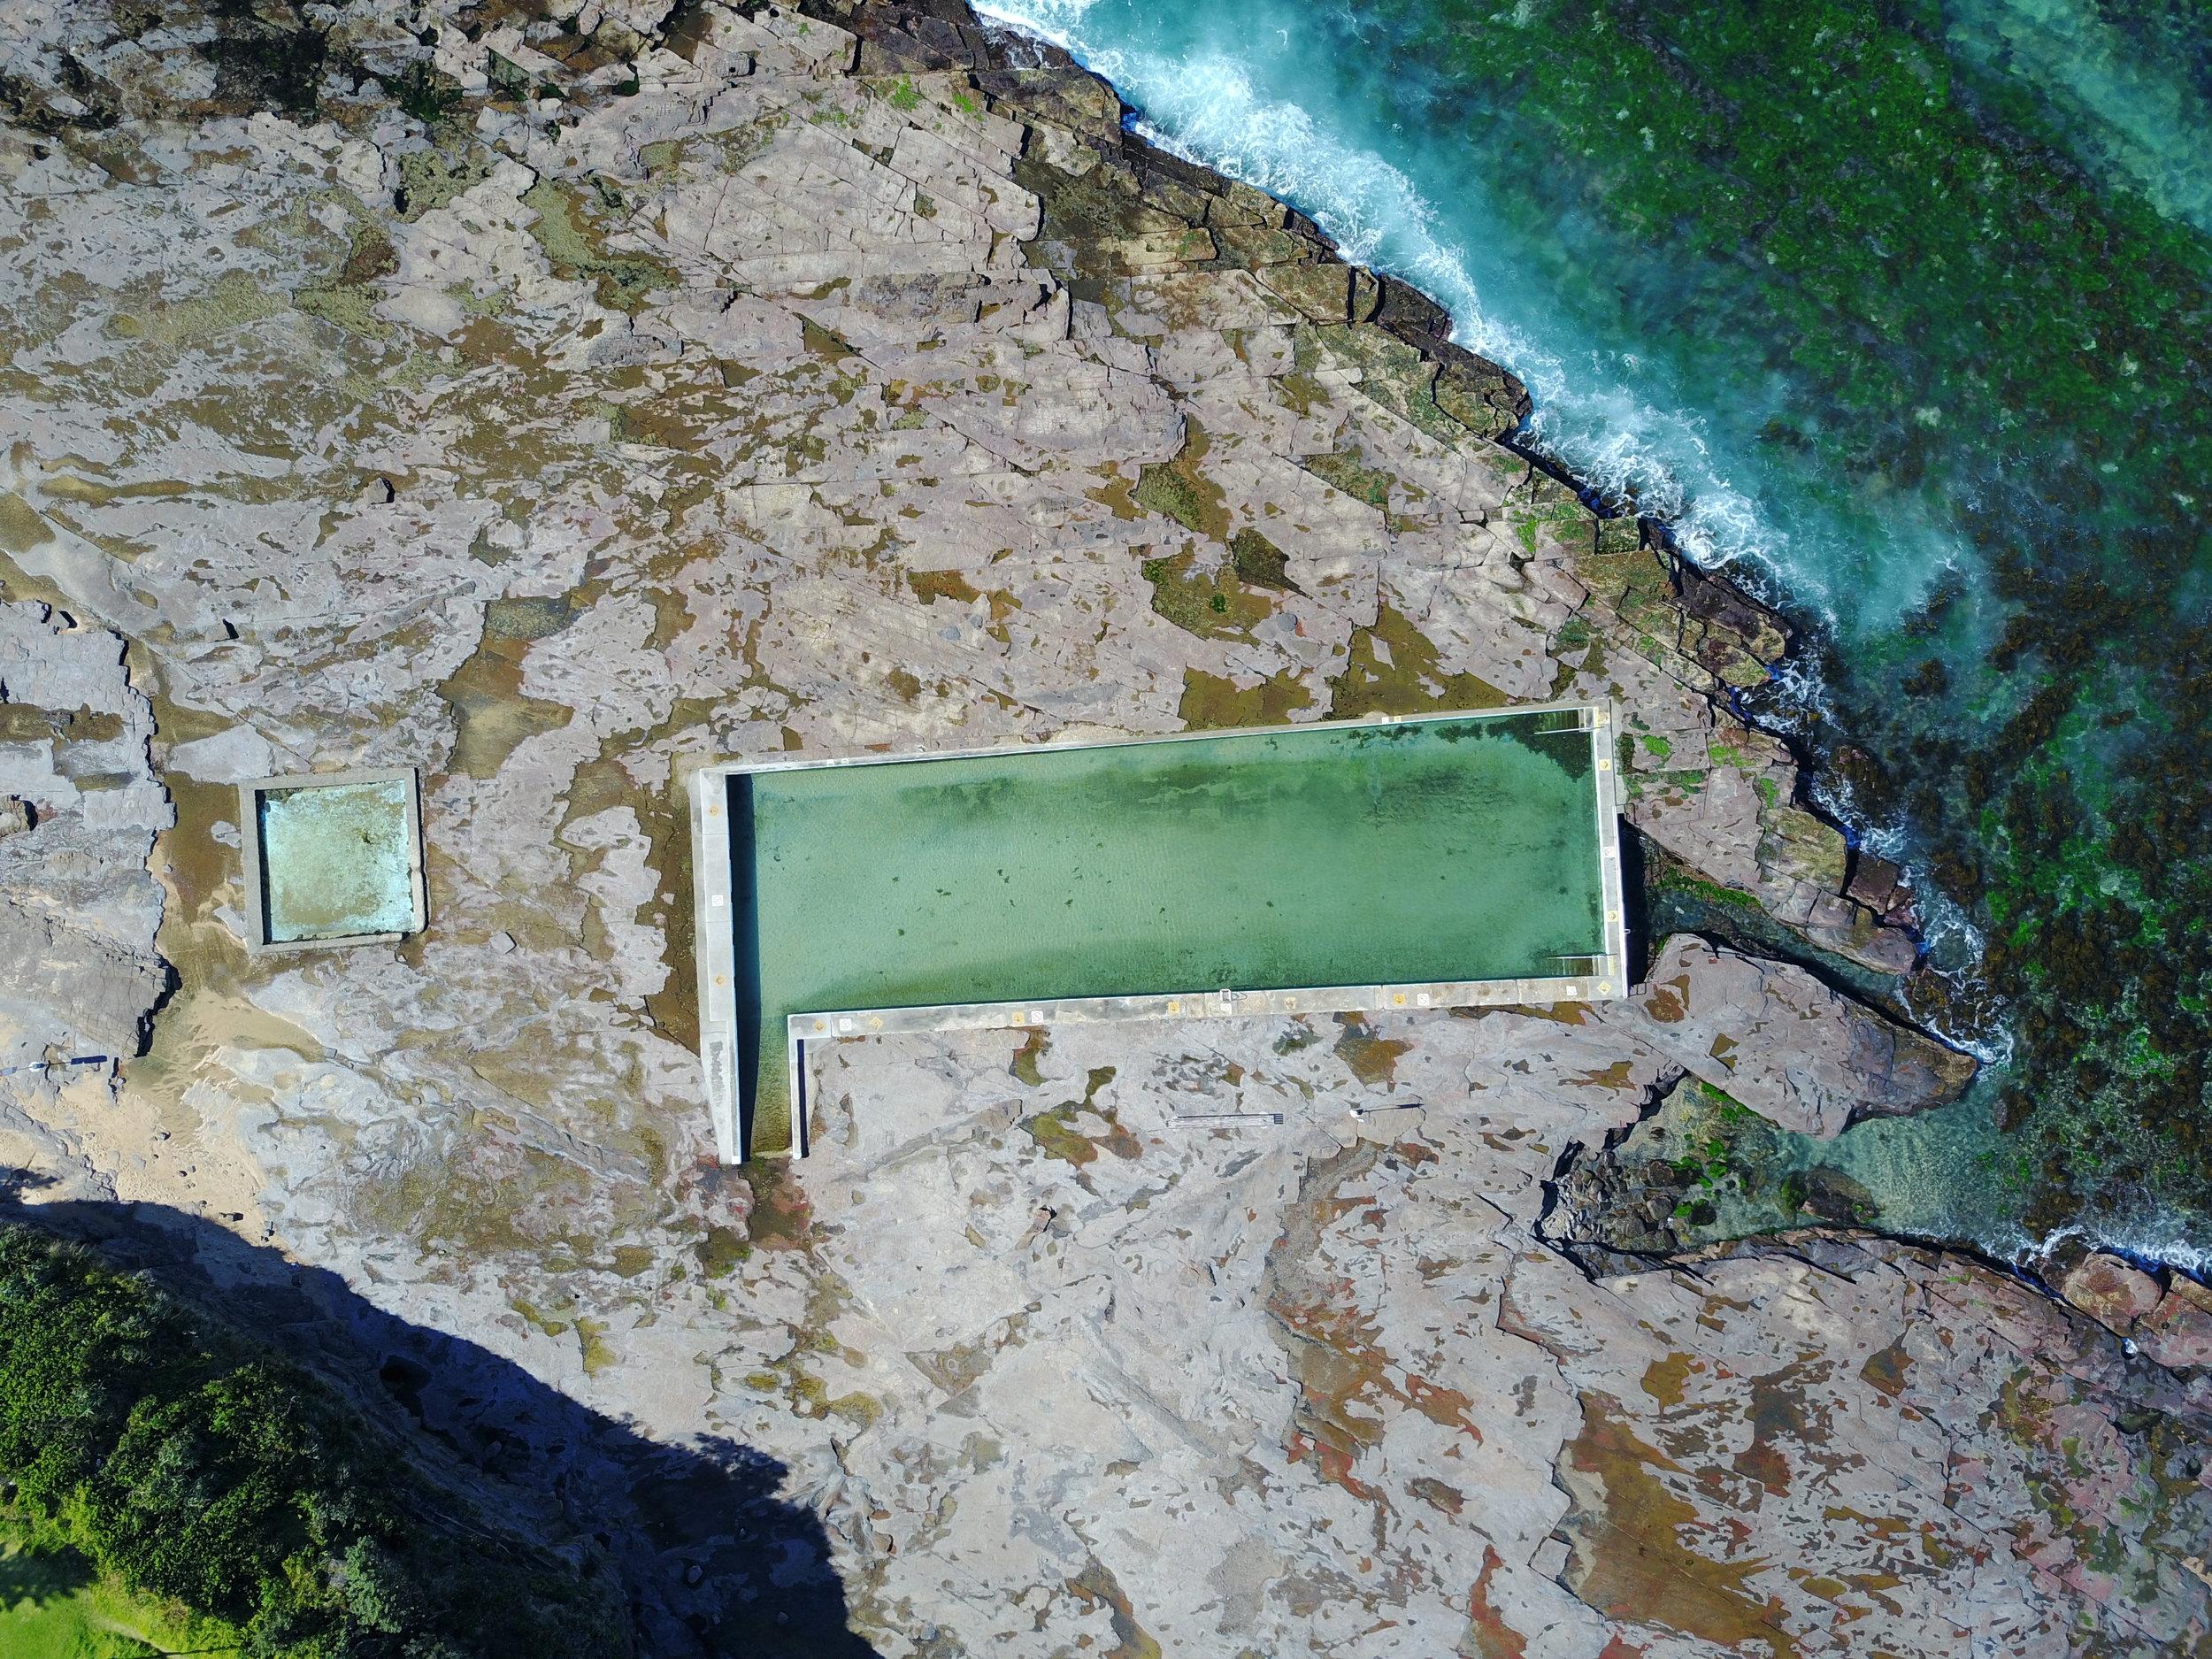 coledale - coledale ocean pool, nsw